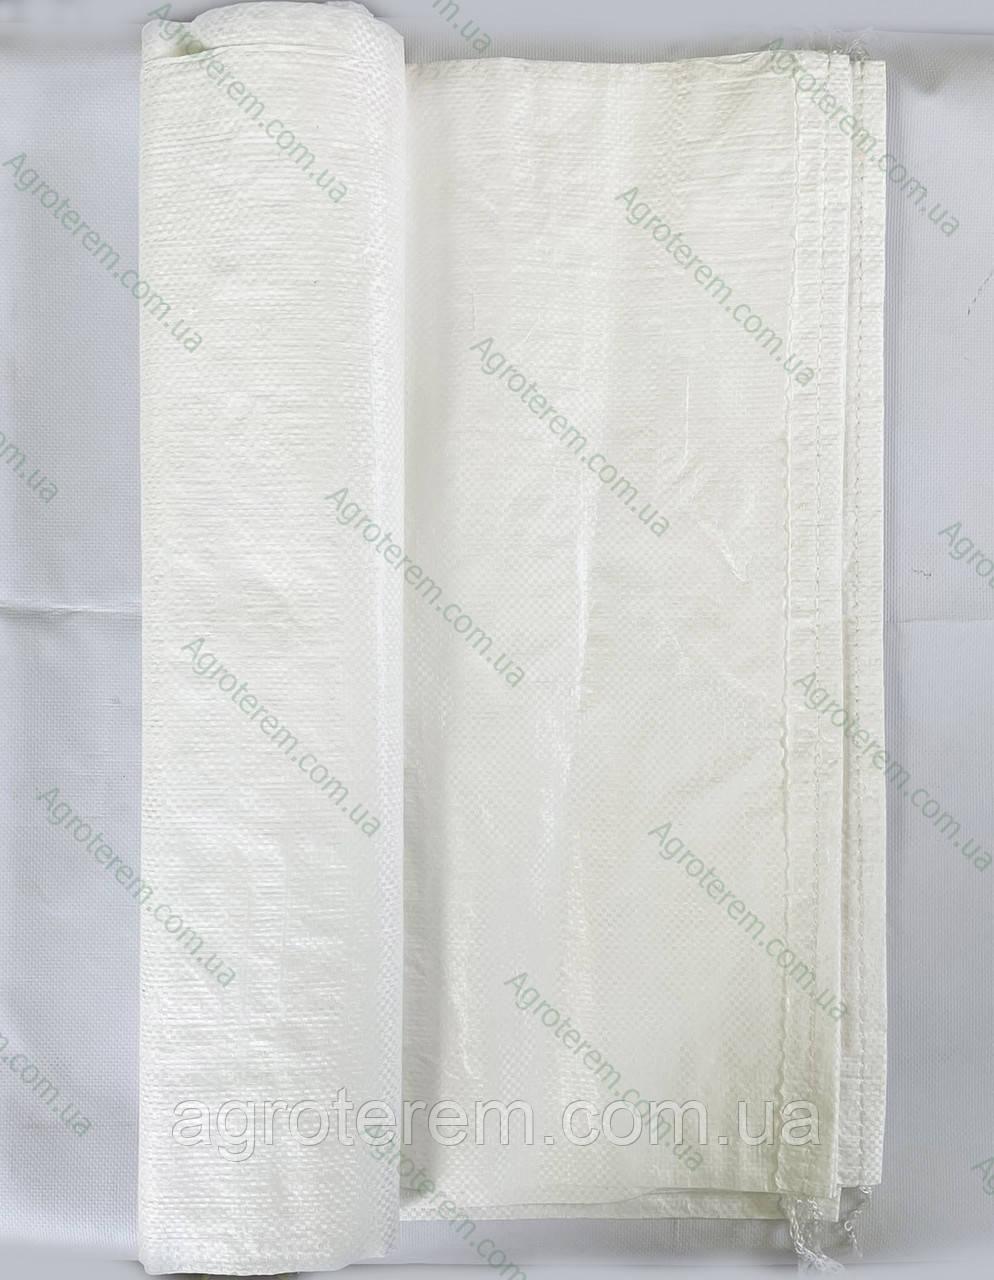 Мешок полипропиленовый 550*950